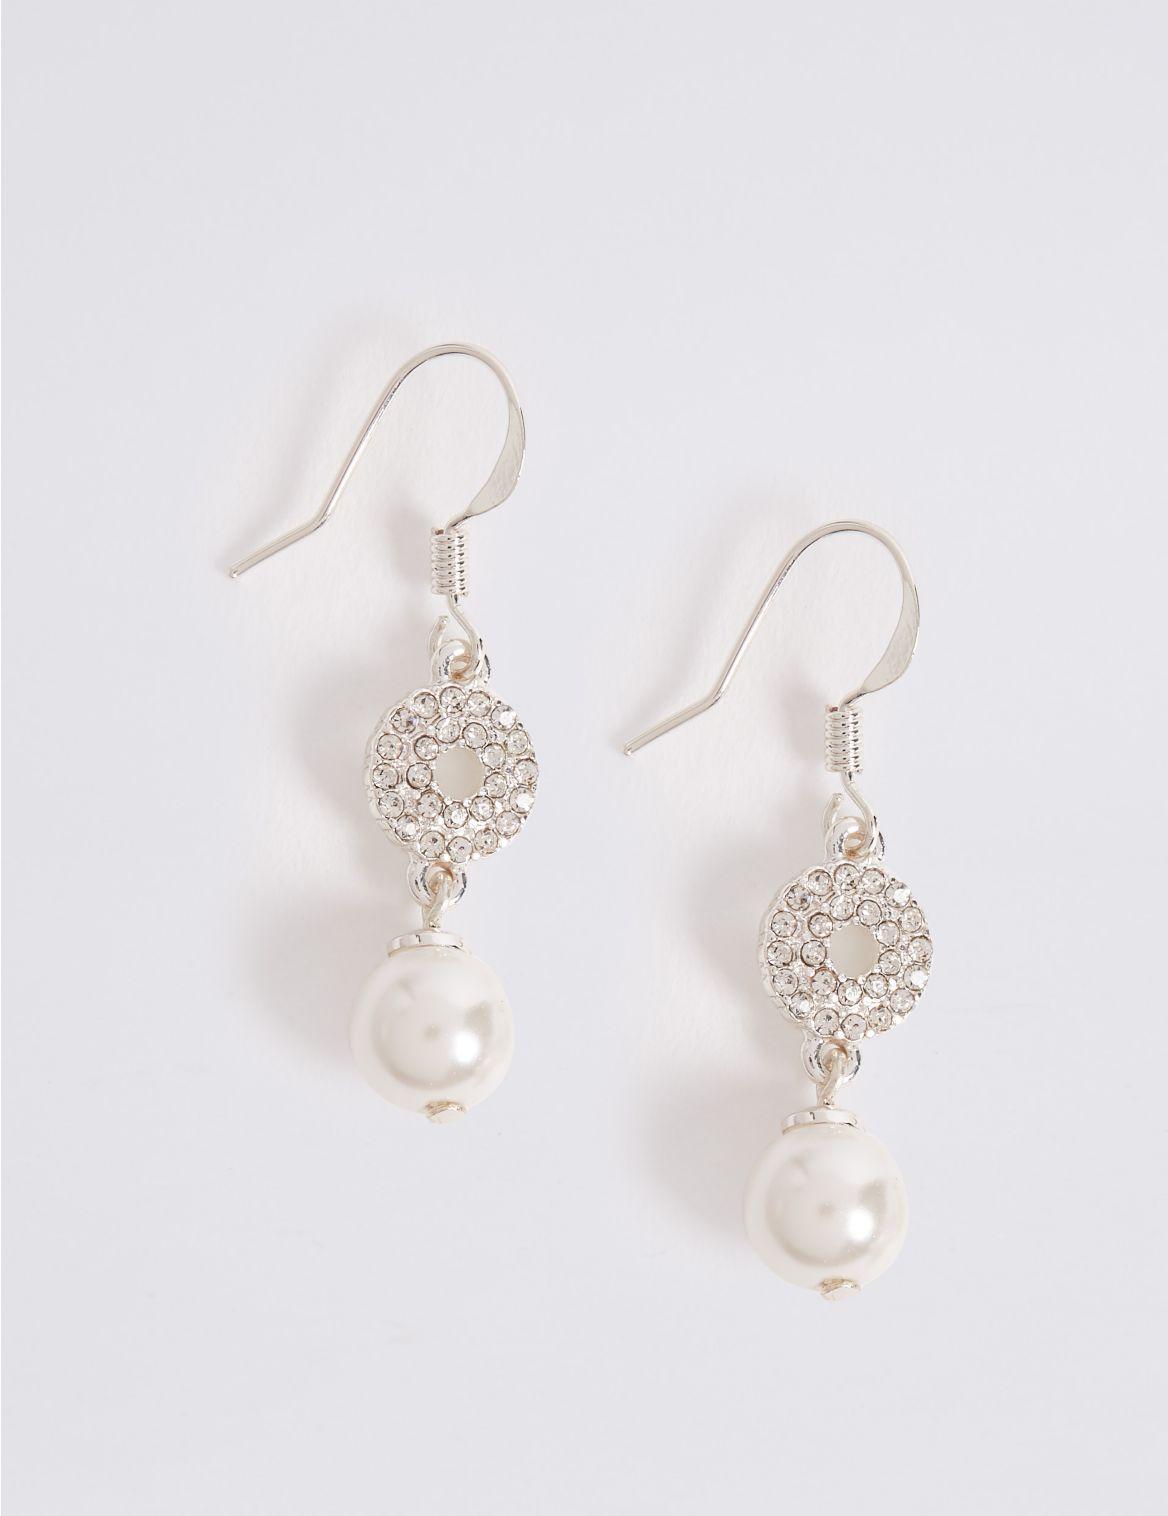 Boucles d'oreilles composées de disques incrustés et de perles